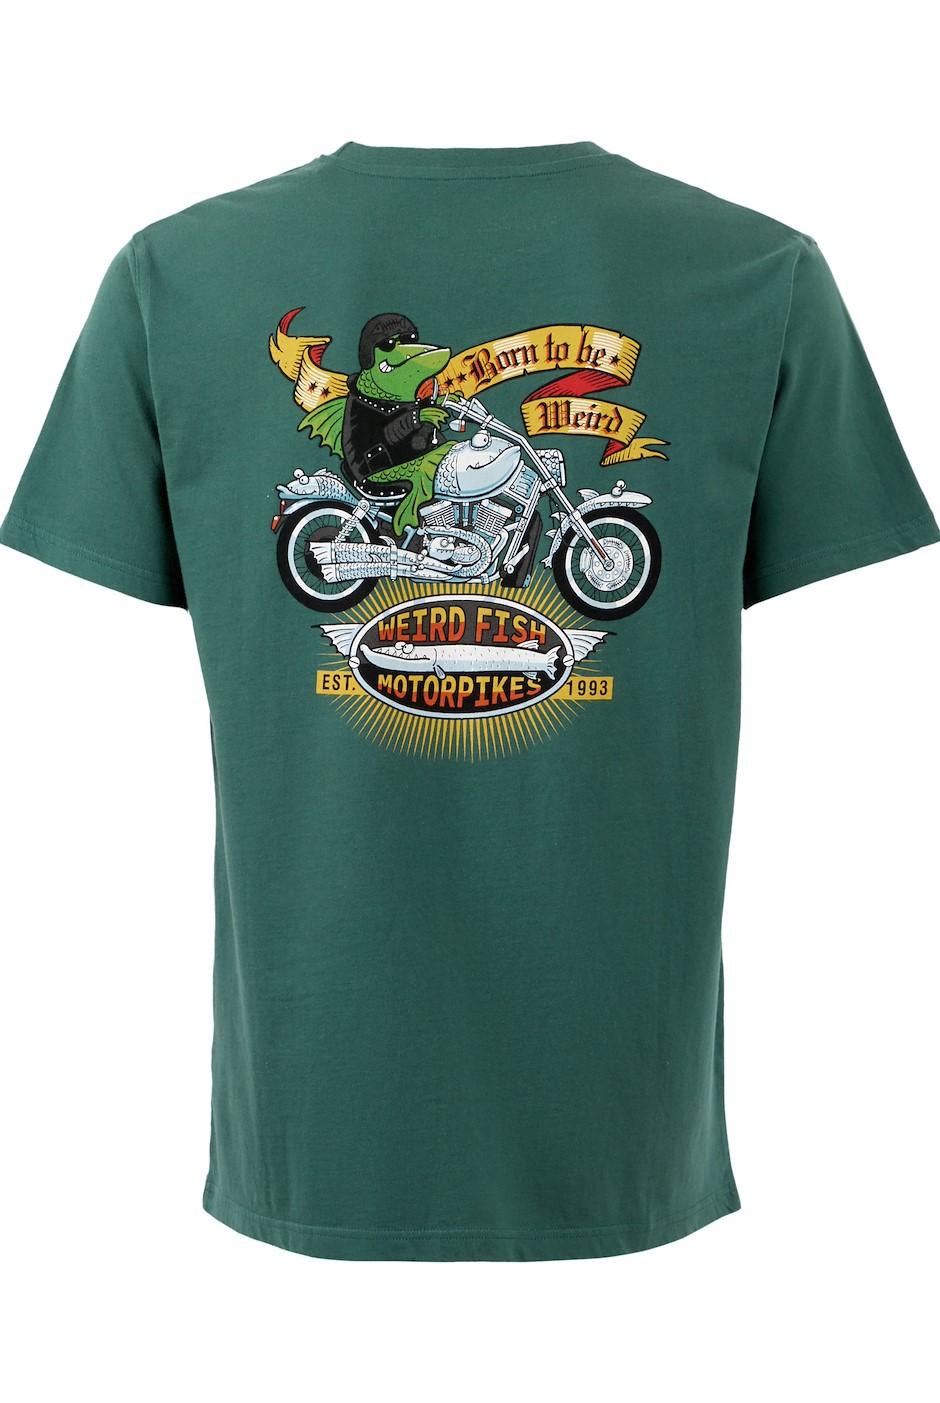 Motorpikes Artist T-Shirt Dark Green